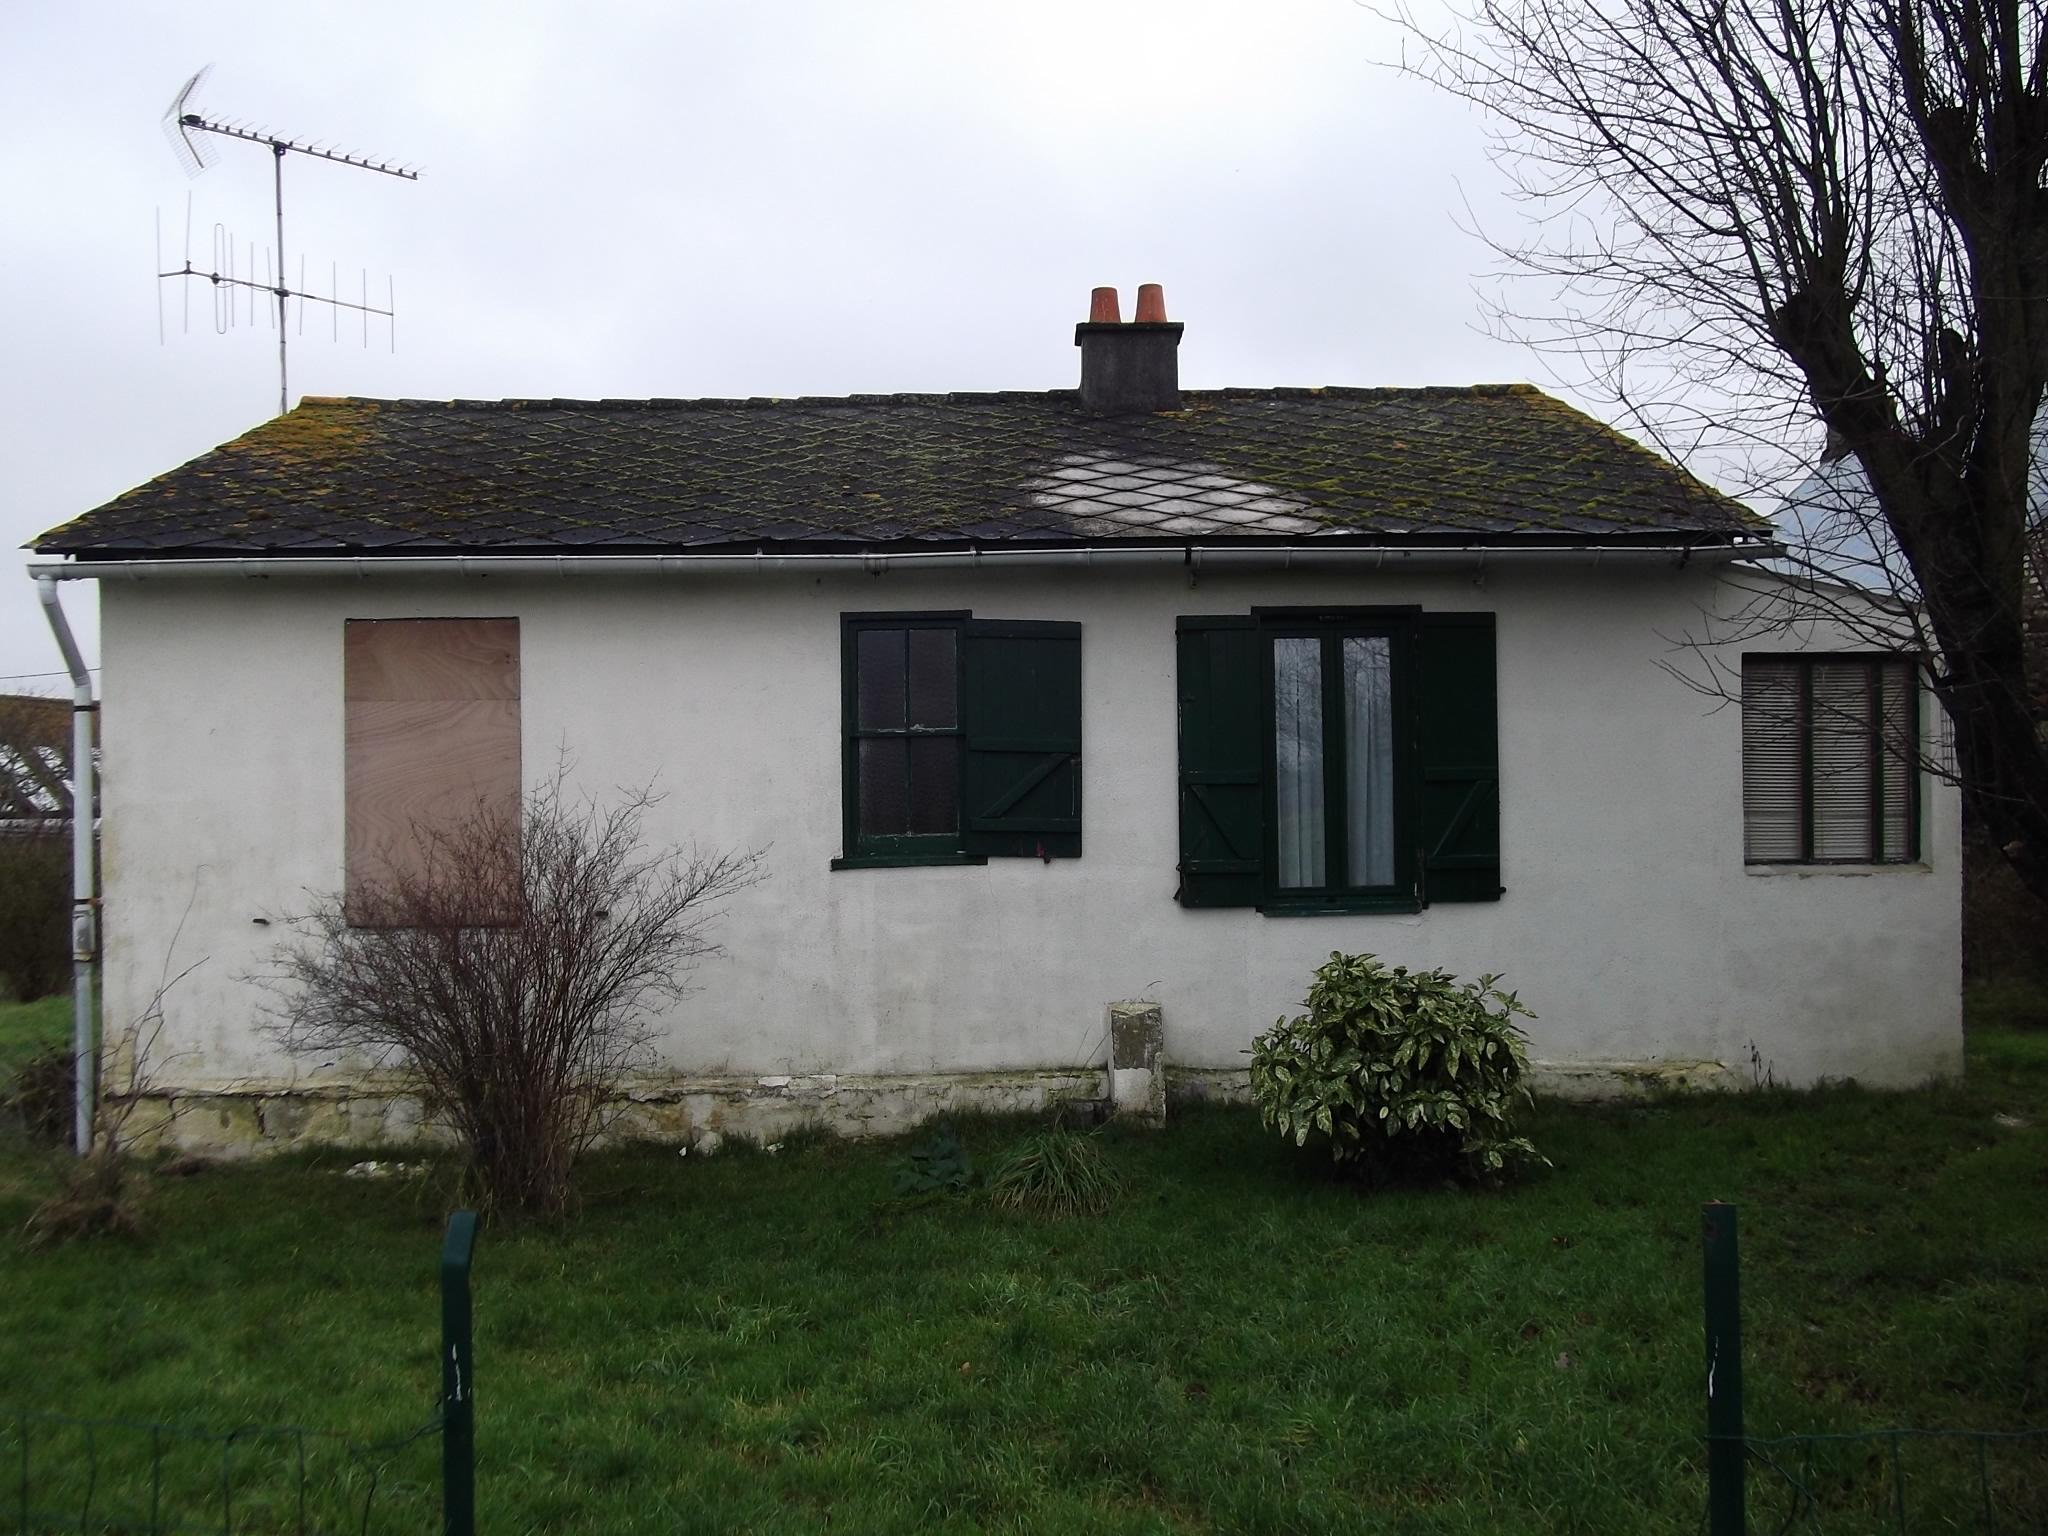 Maison individuelle années 50, MOB enduite ciment, en état de ruine